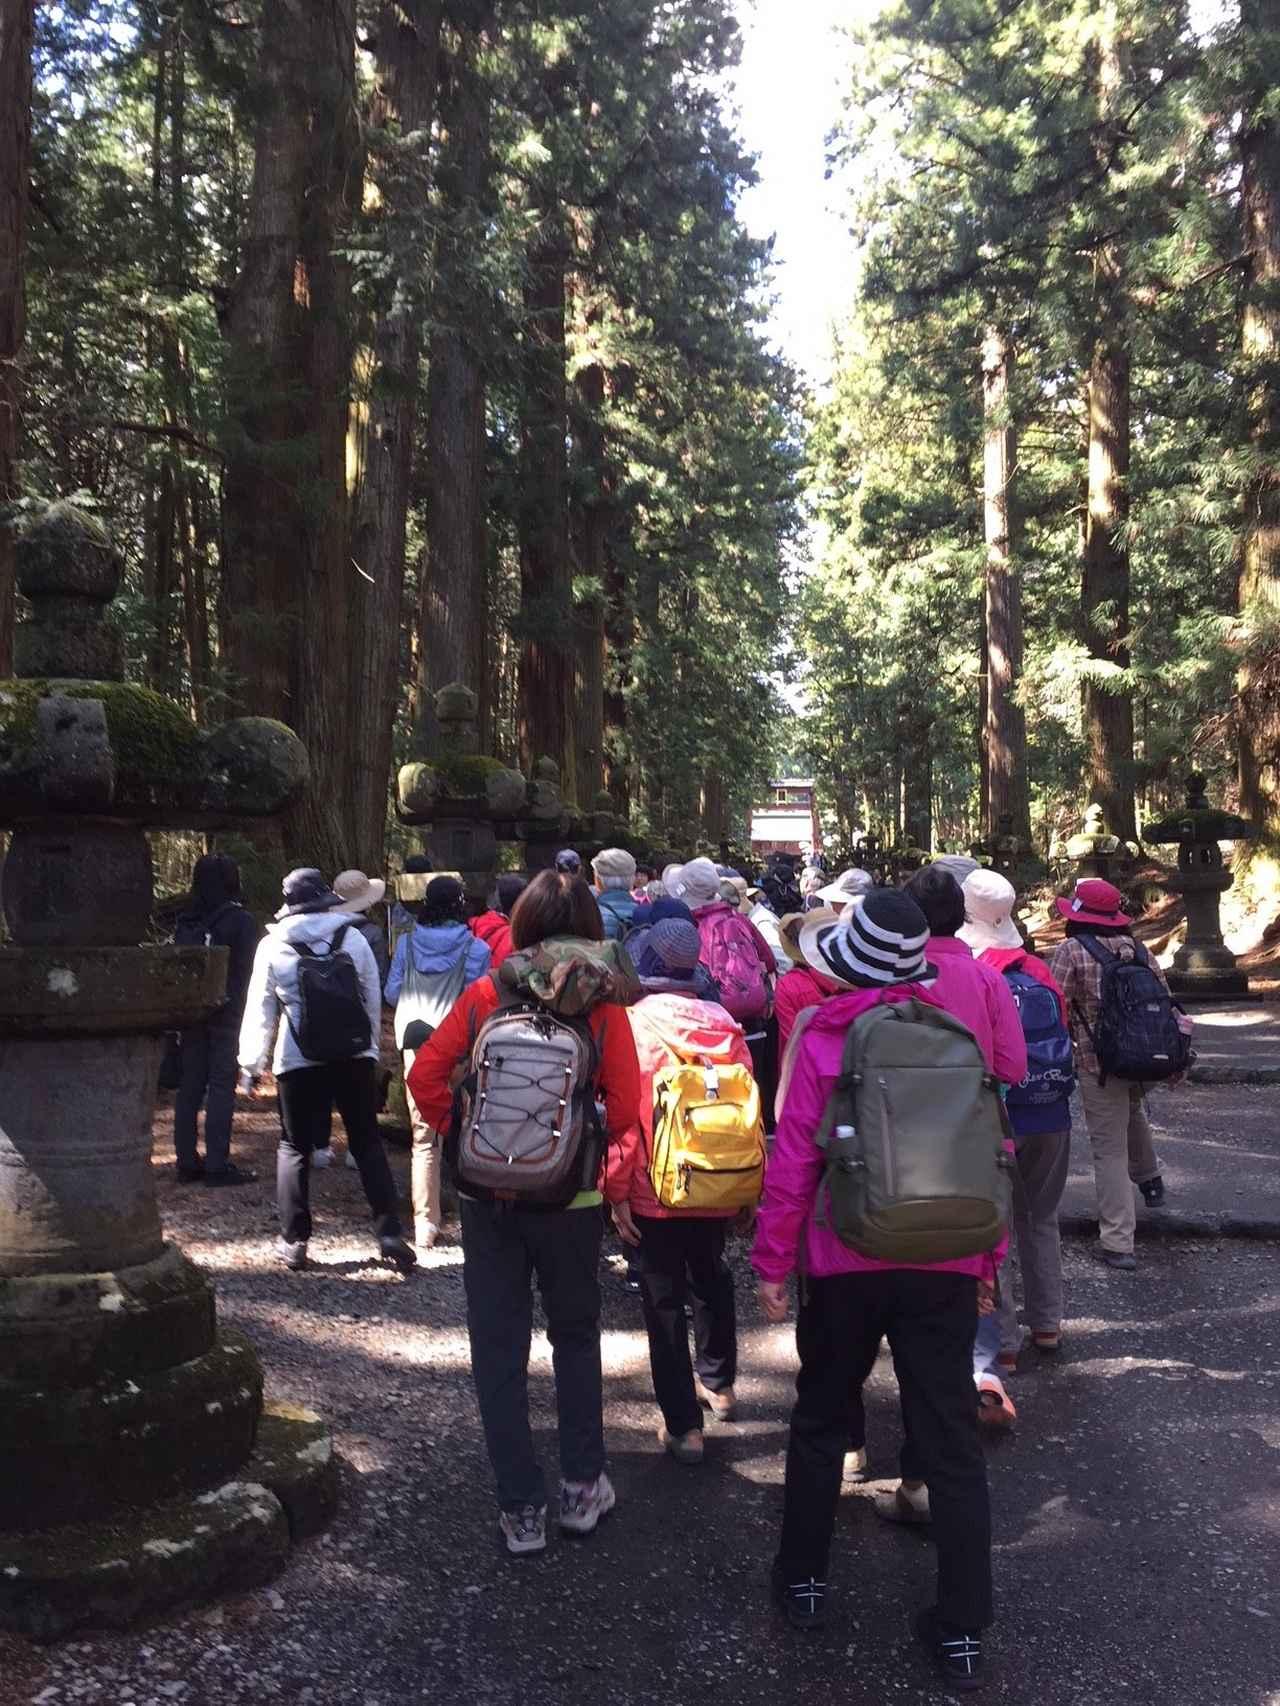 画像4: 【あるく・シリーズツアー】 富士山すそ野ぐるり一周ウォーク 第1回をご紹介します。